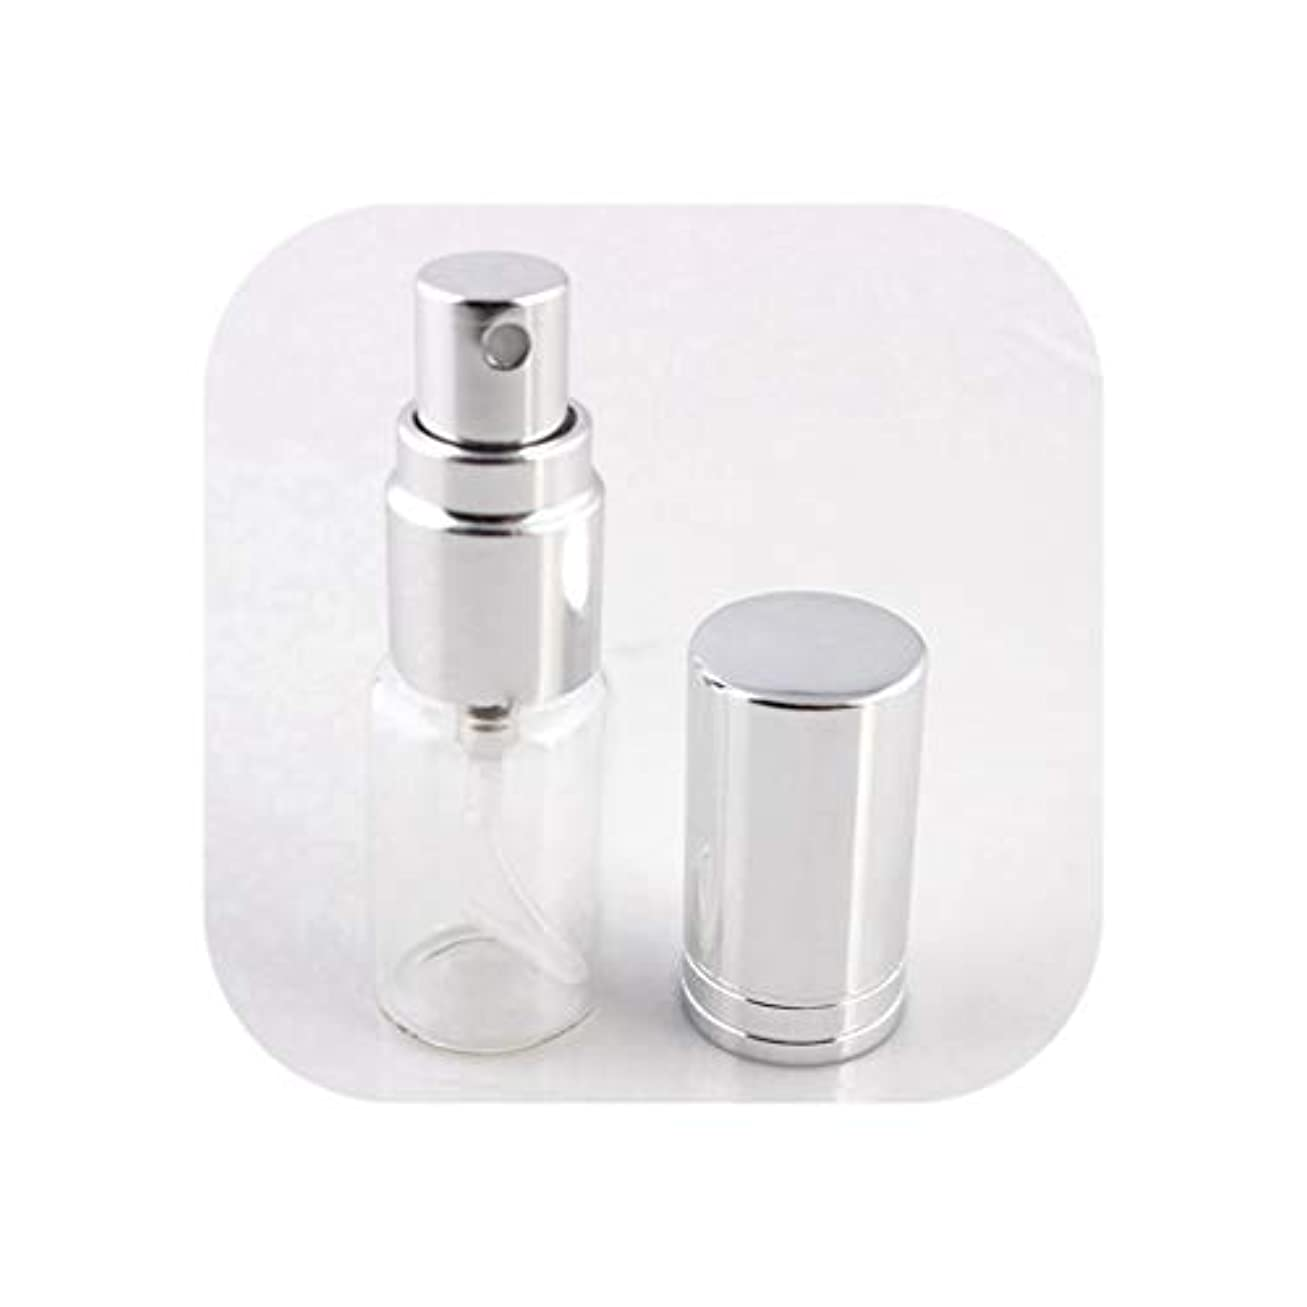 失望初心者苦悩アトマイザーの1pcs 5ミリリットル/ 10MLポータブルカラフルなガラスの詰め替え香水瓶は、SV1-S、旅行のための化粧品容器で噴霧器を空にする